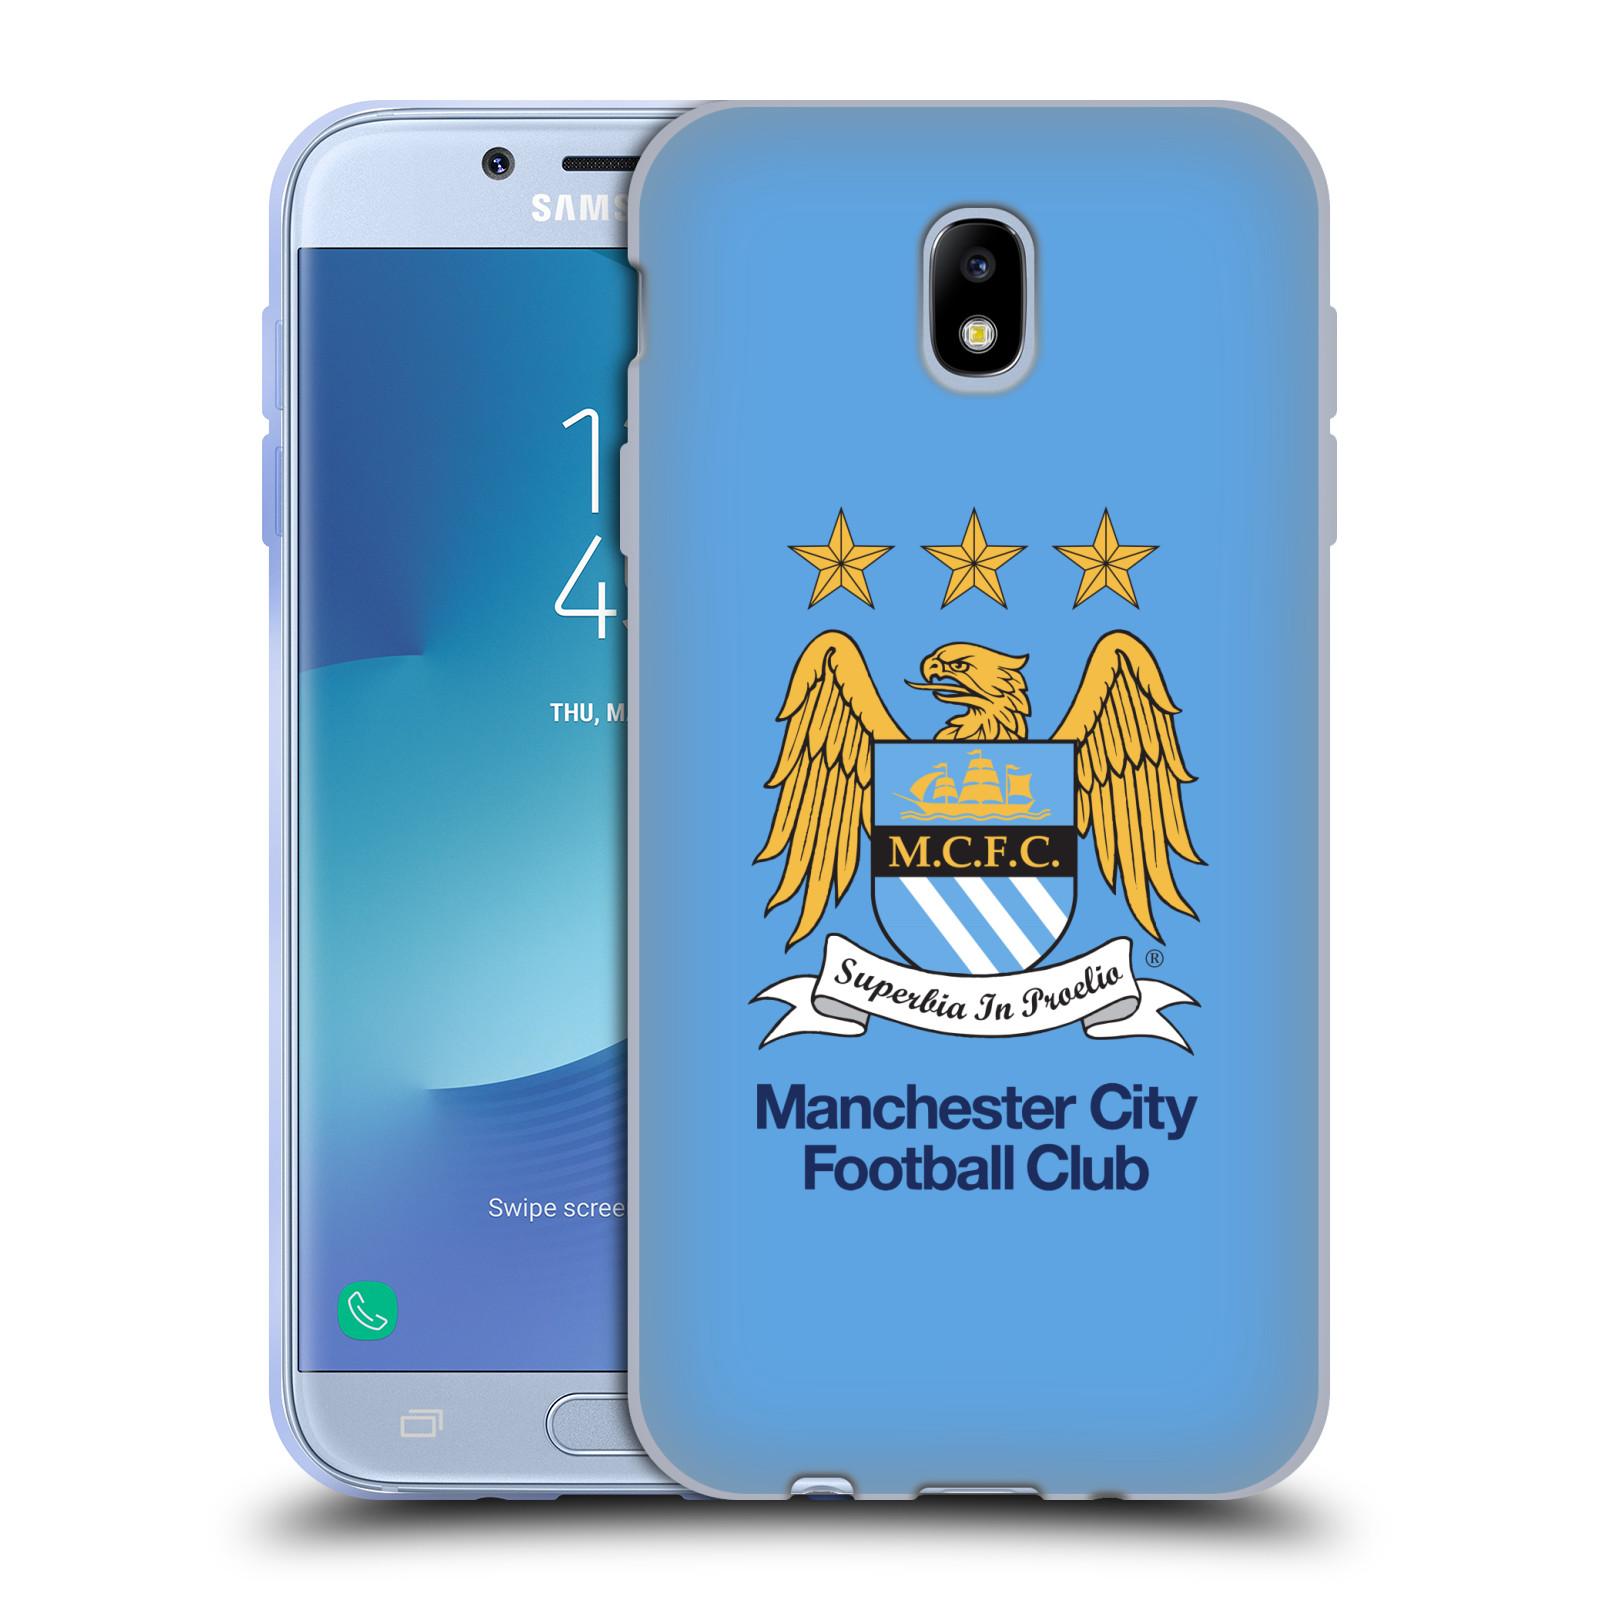 HEAD CASE silikonový obal na mobil Samsung Galaxy J7 2017 Fotbalový klub Manchester City nebesky modrá pozadí velký znak pták